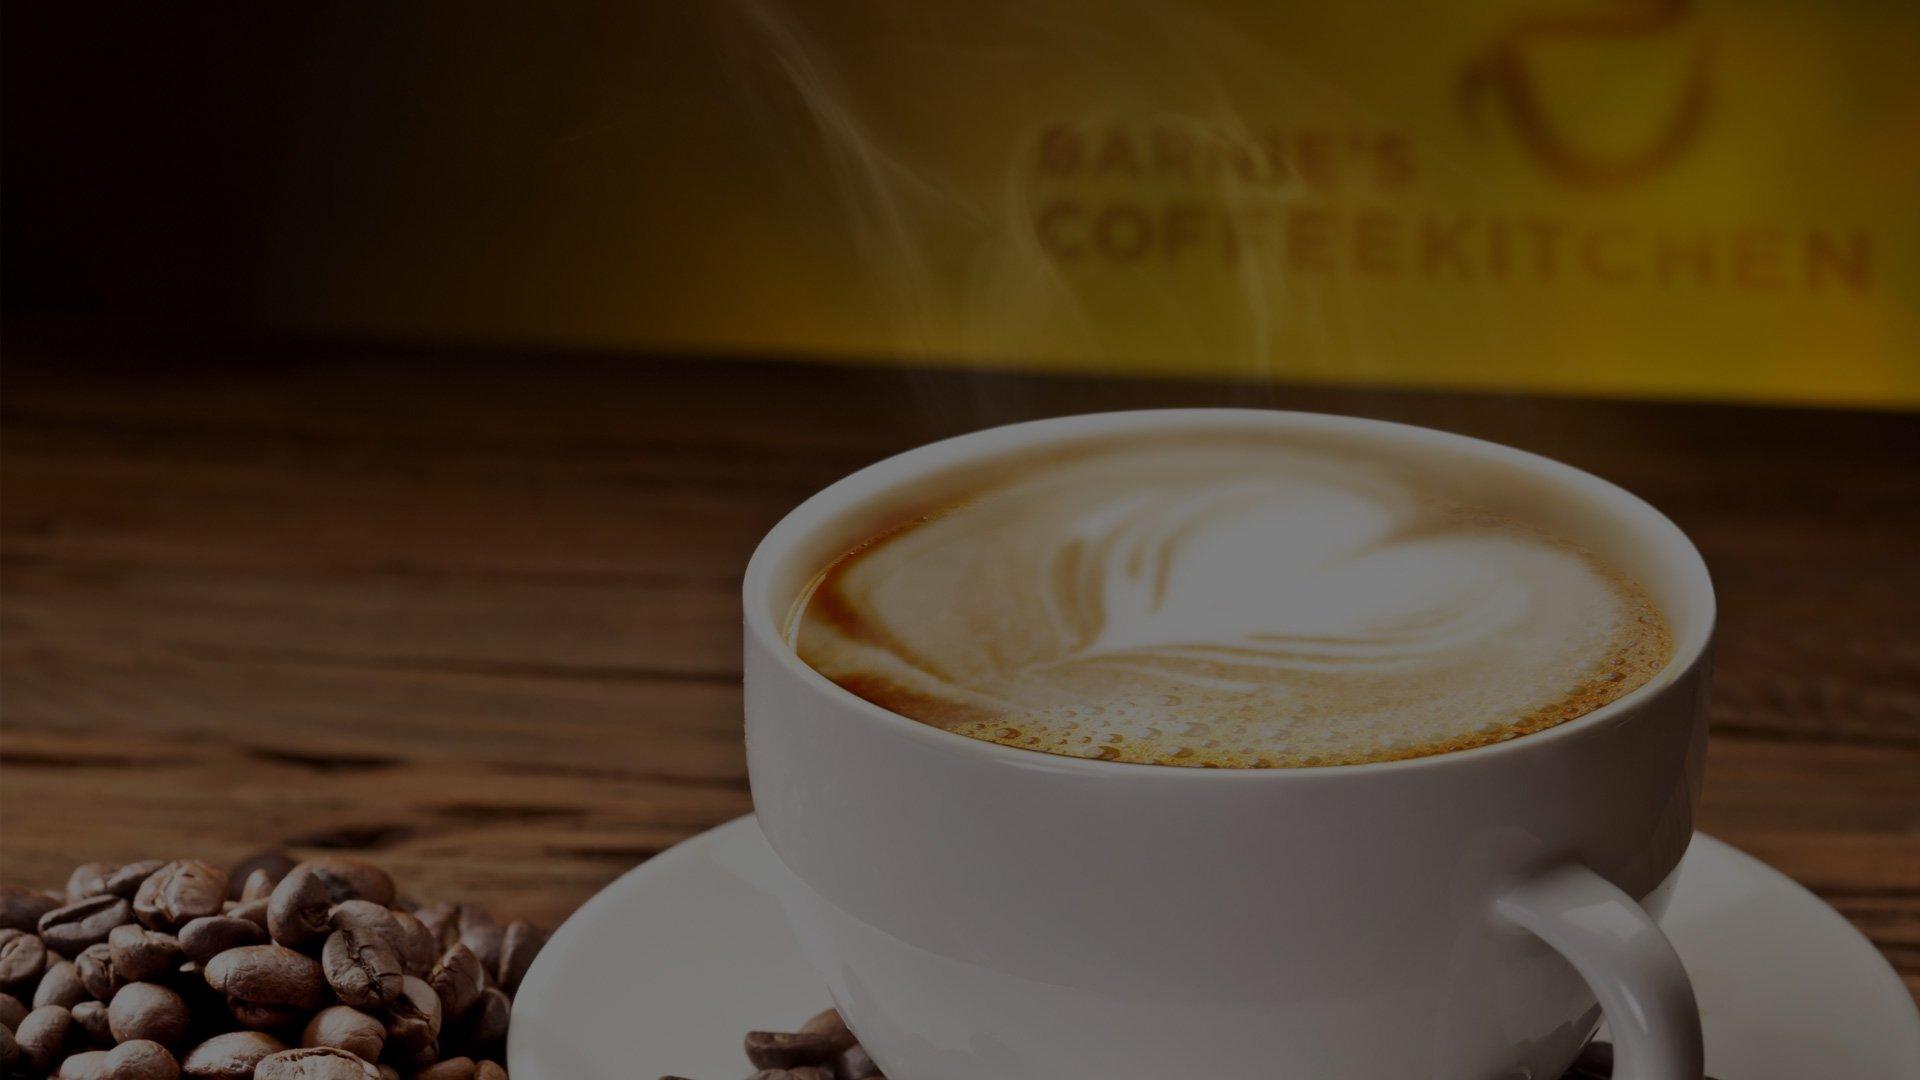 Barnie S Coffee Brewsticks